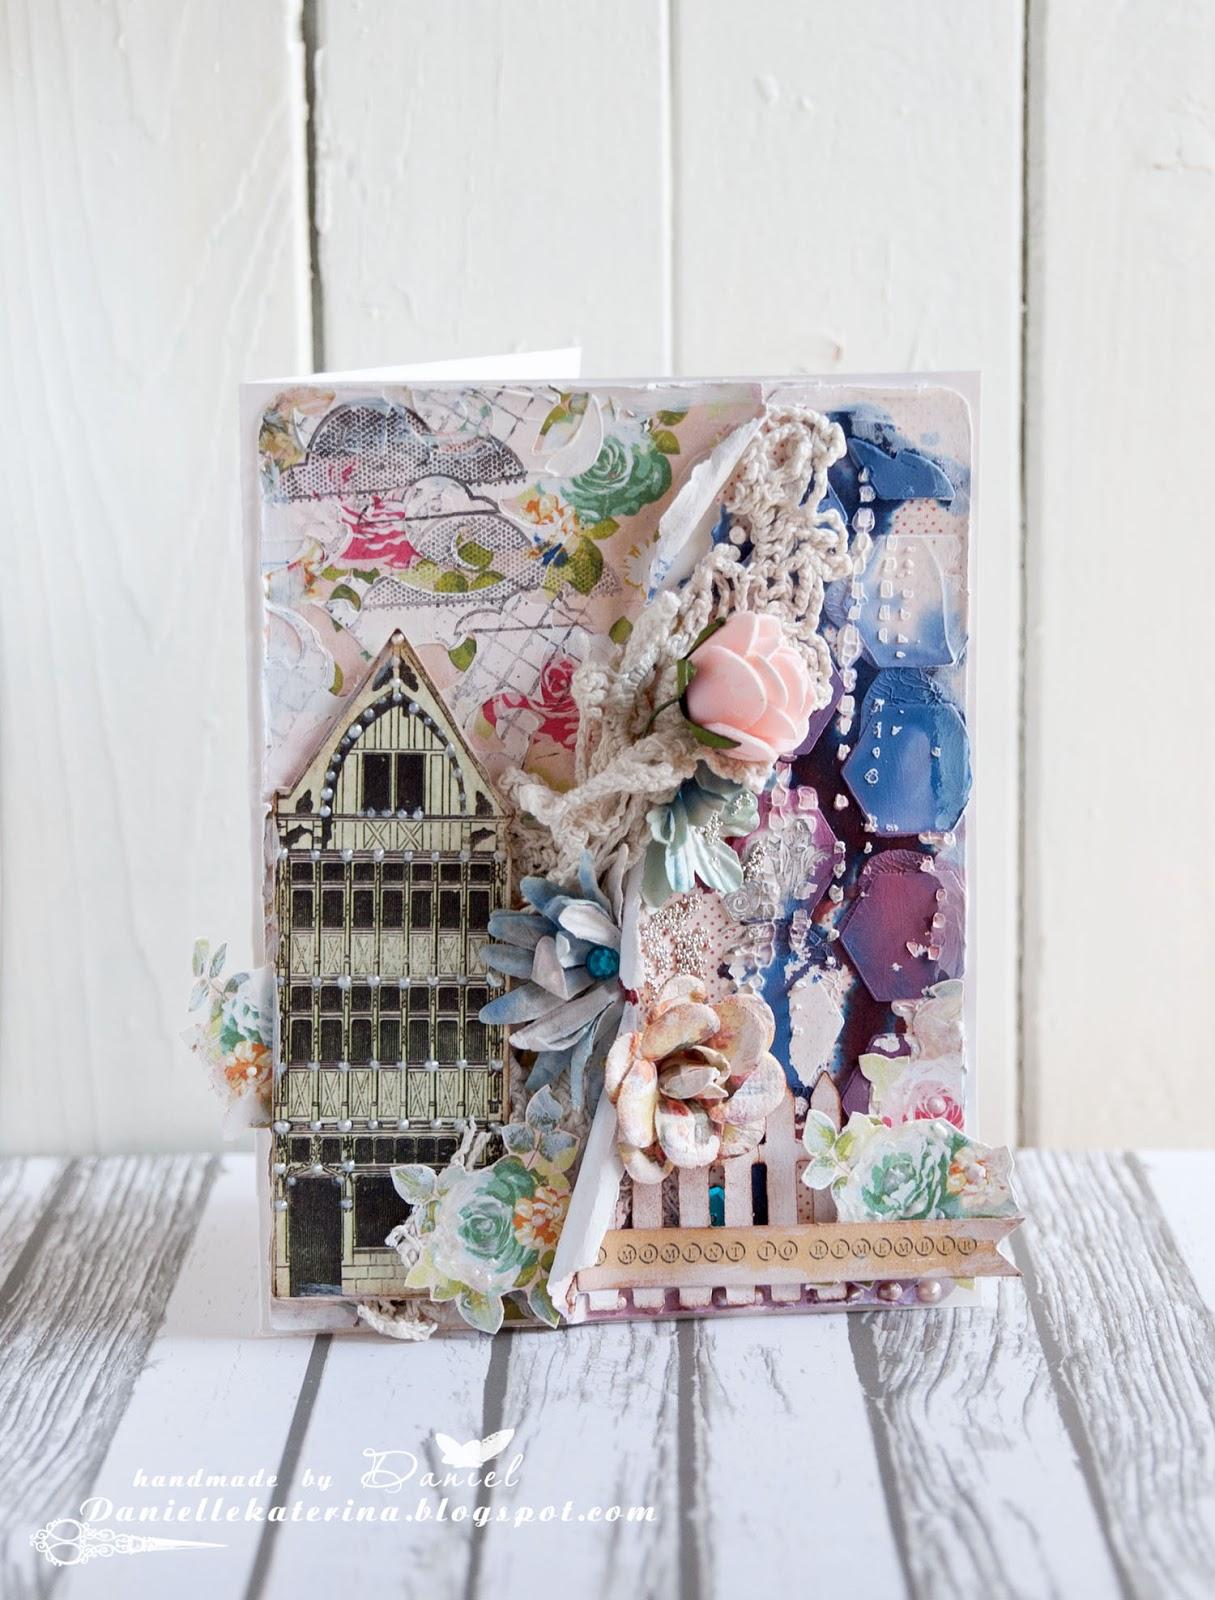 открытка+весна+цветы+сад+ручная работа